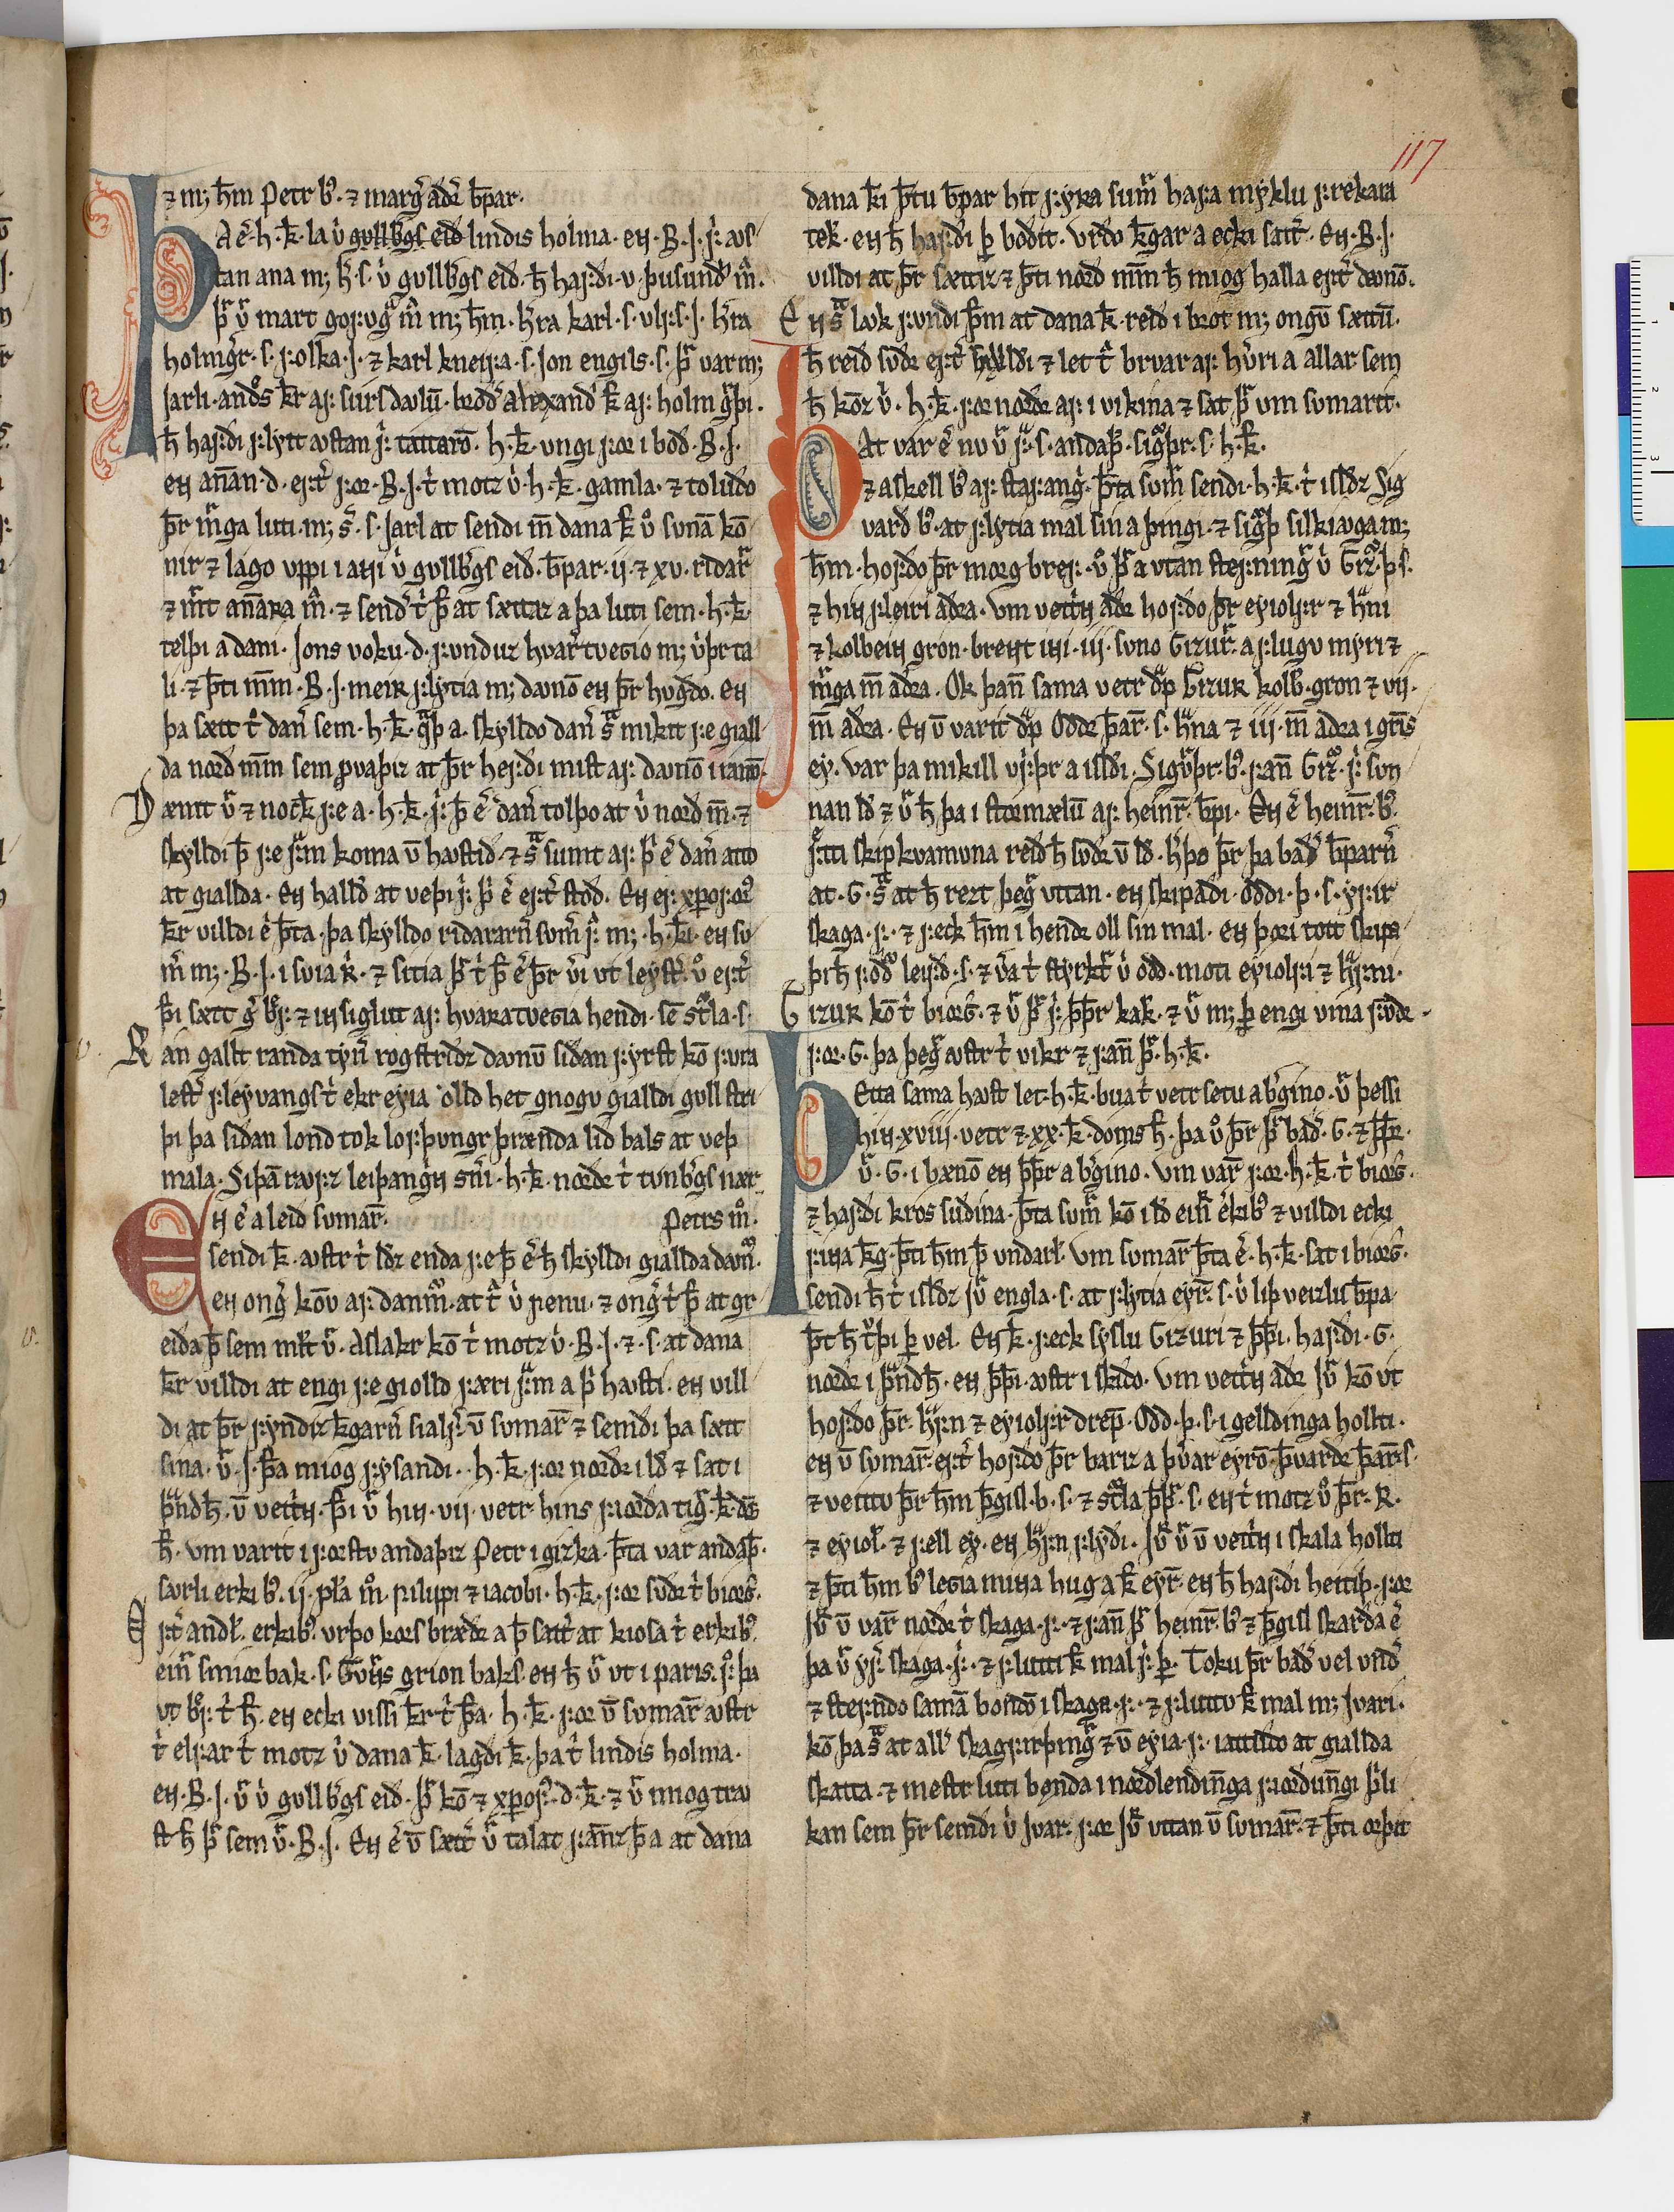 AM 45 fol - 117r